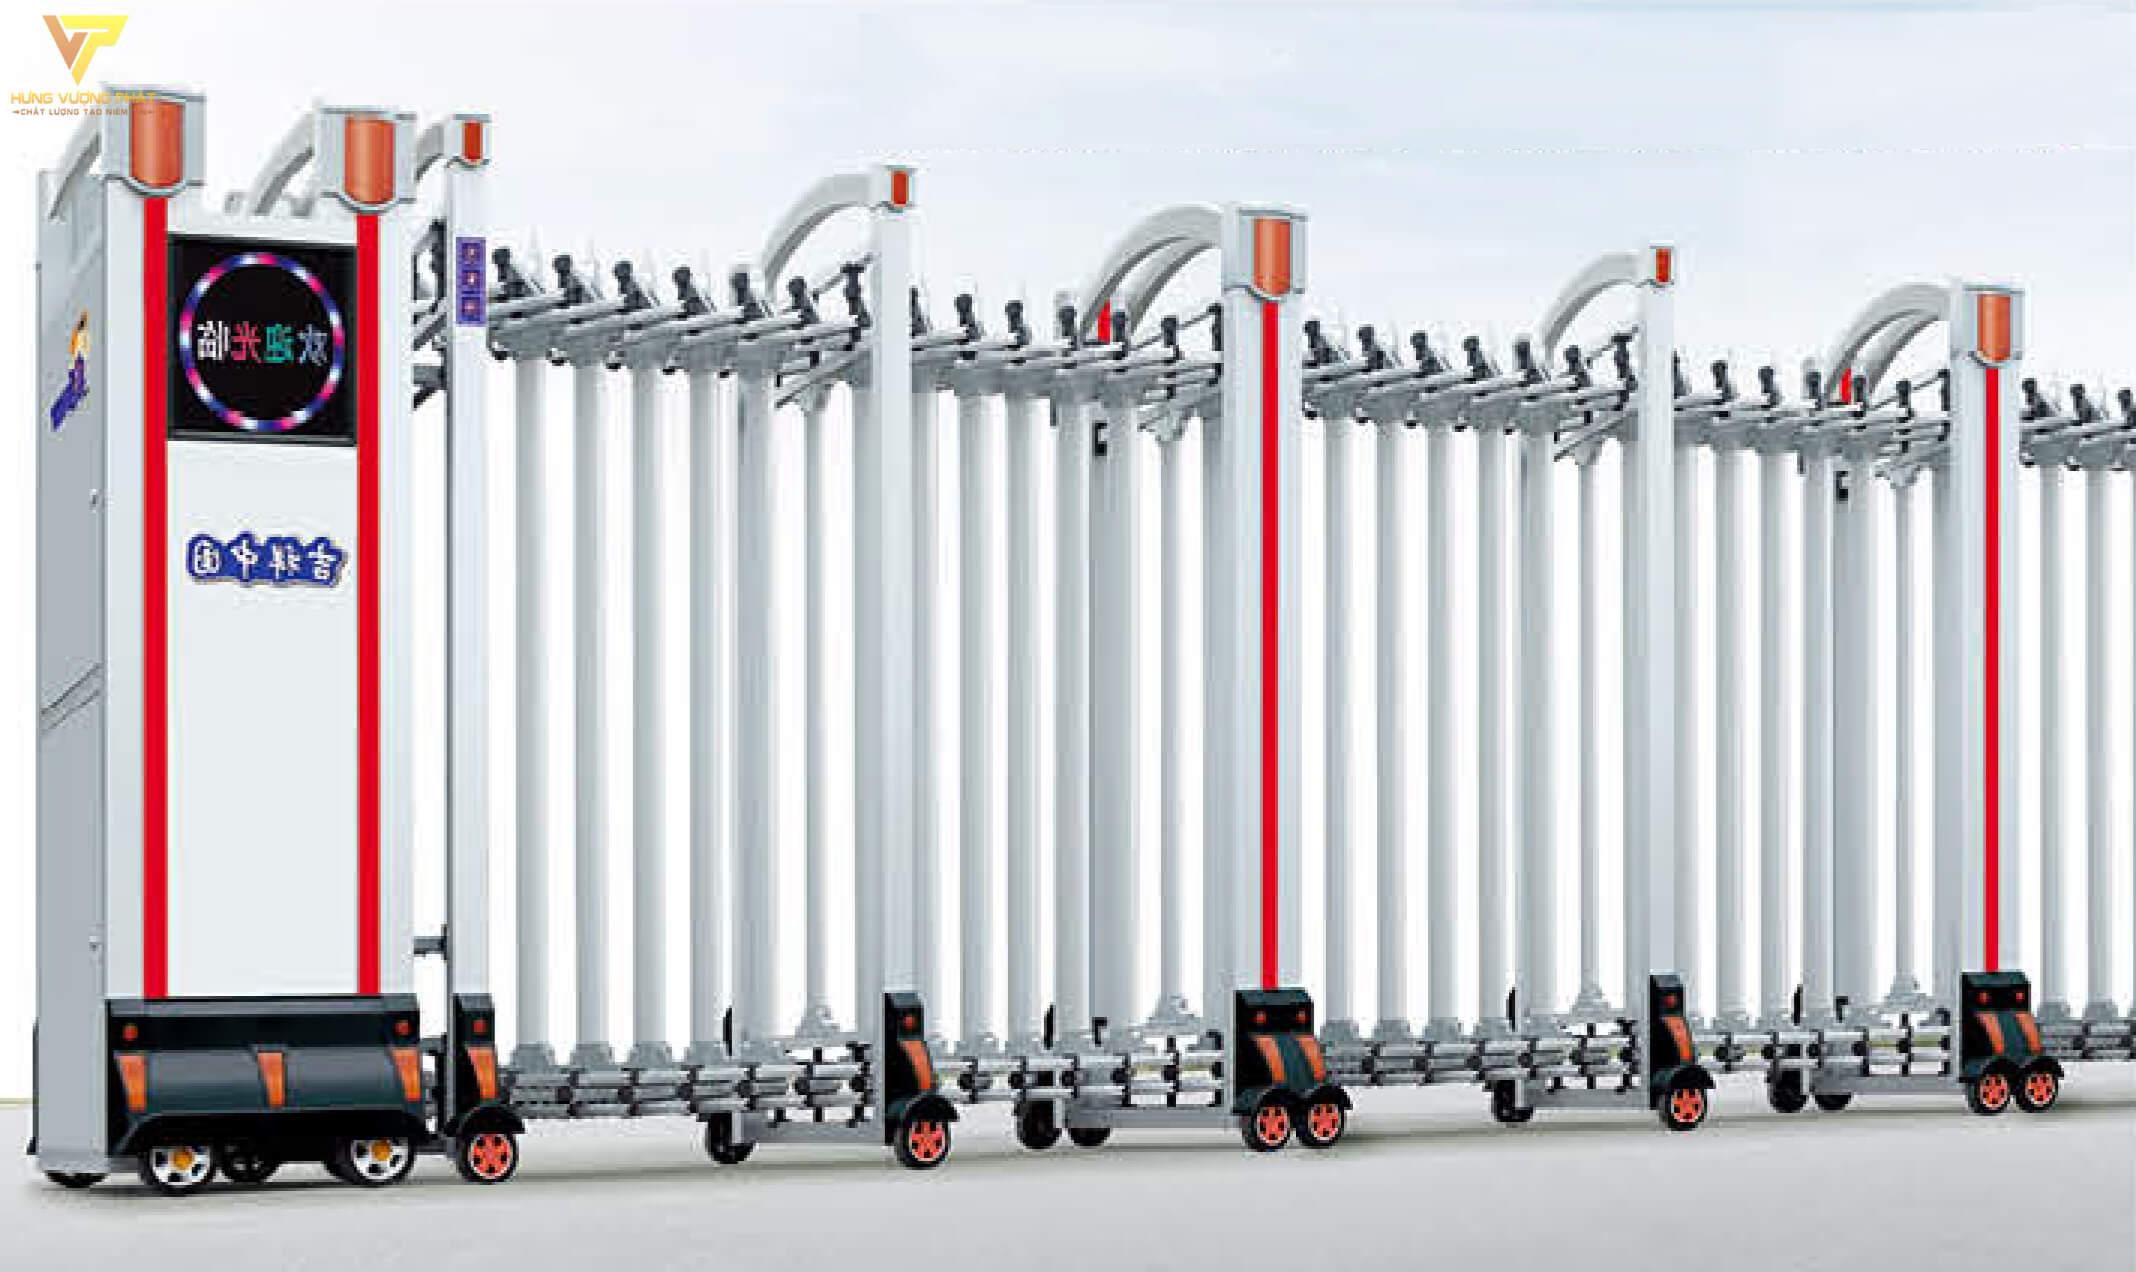 Cổng xếp hợp kim nhôm chạy điện tự động HN06